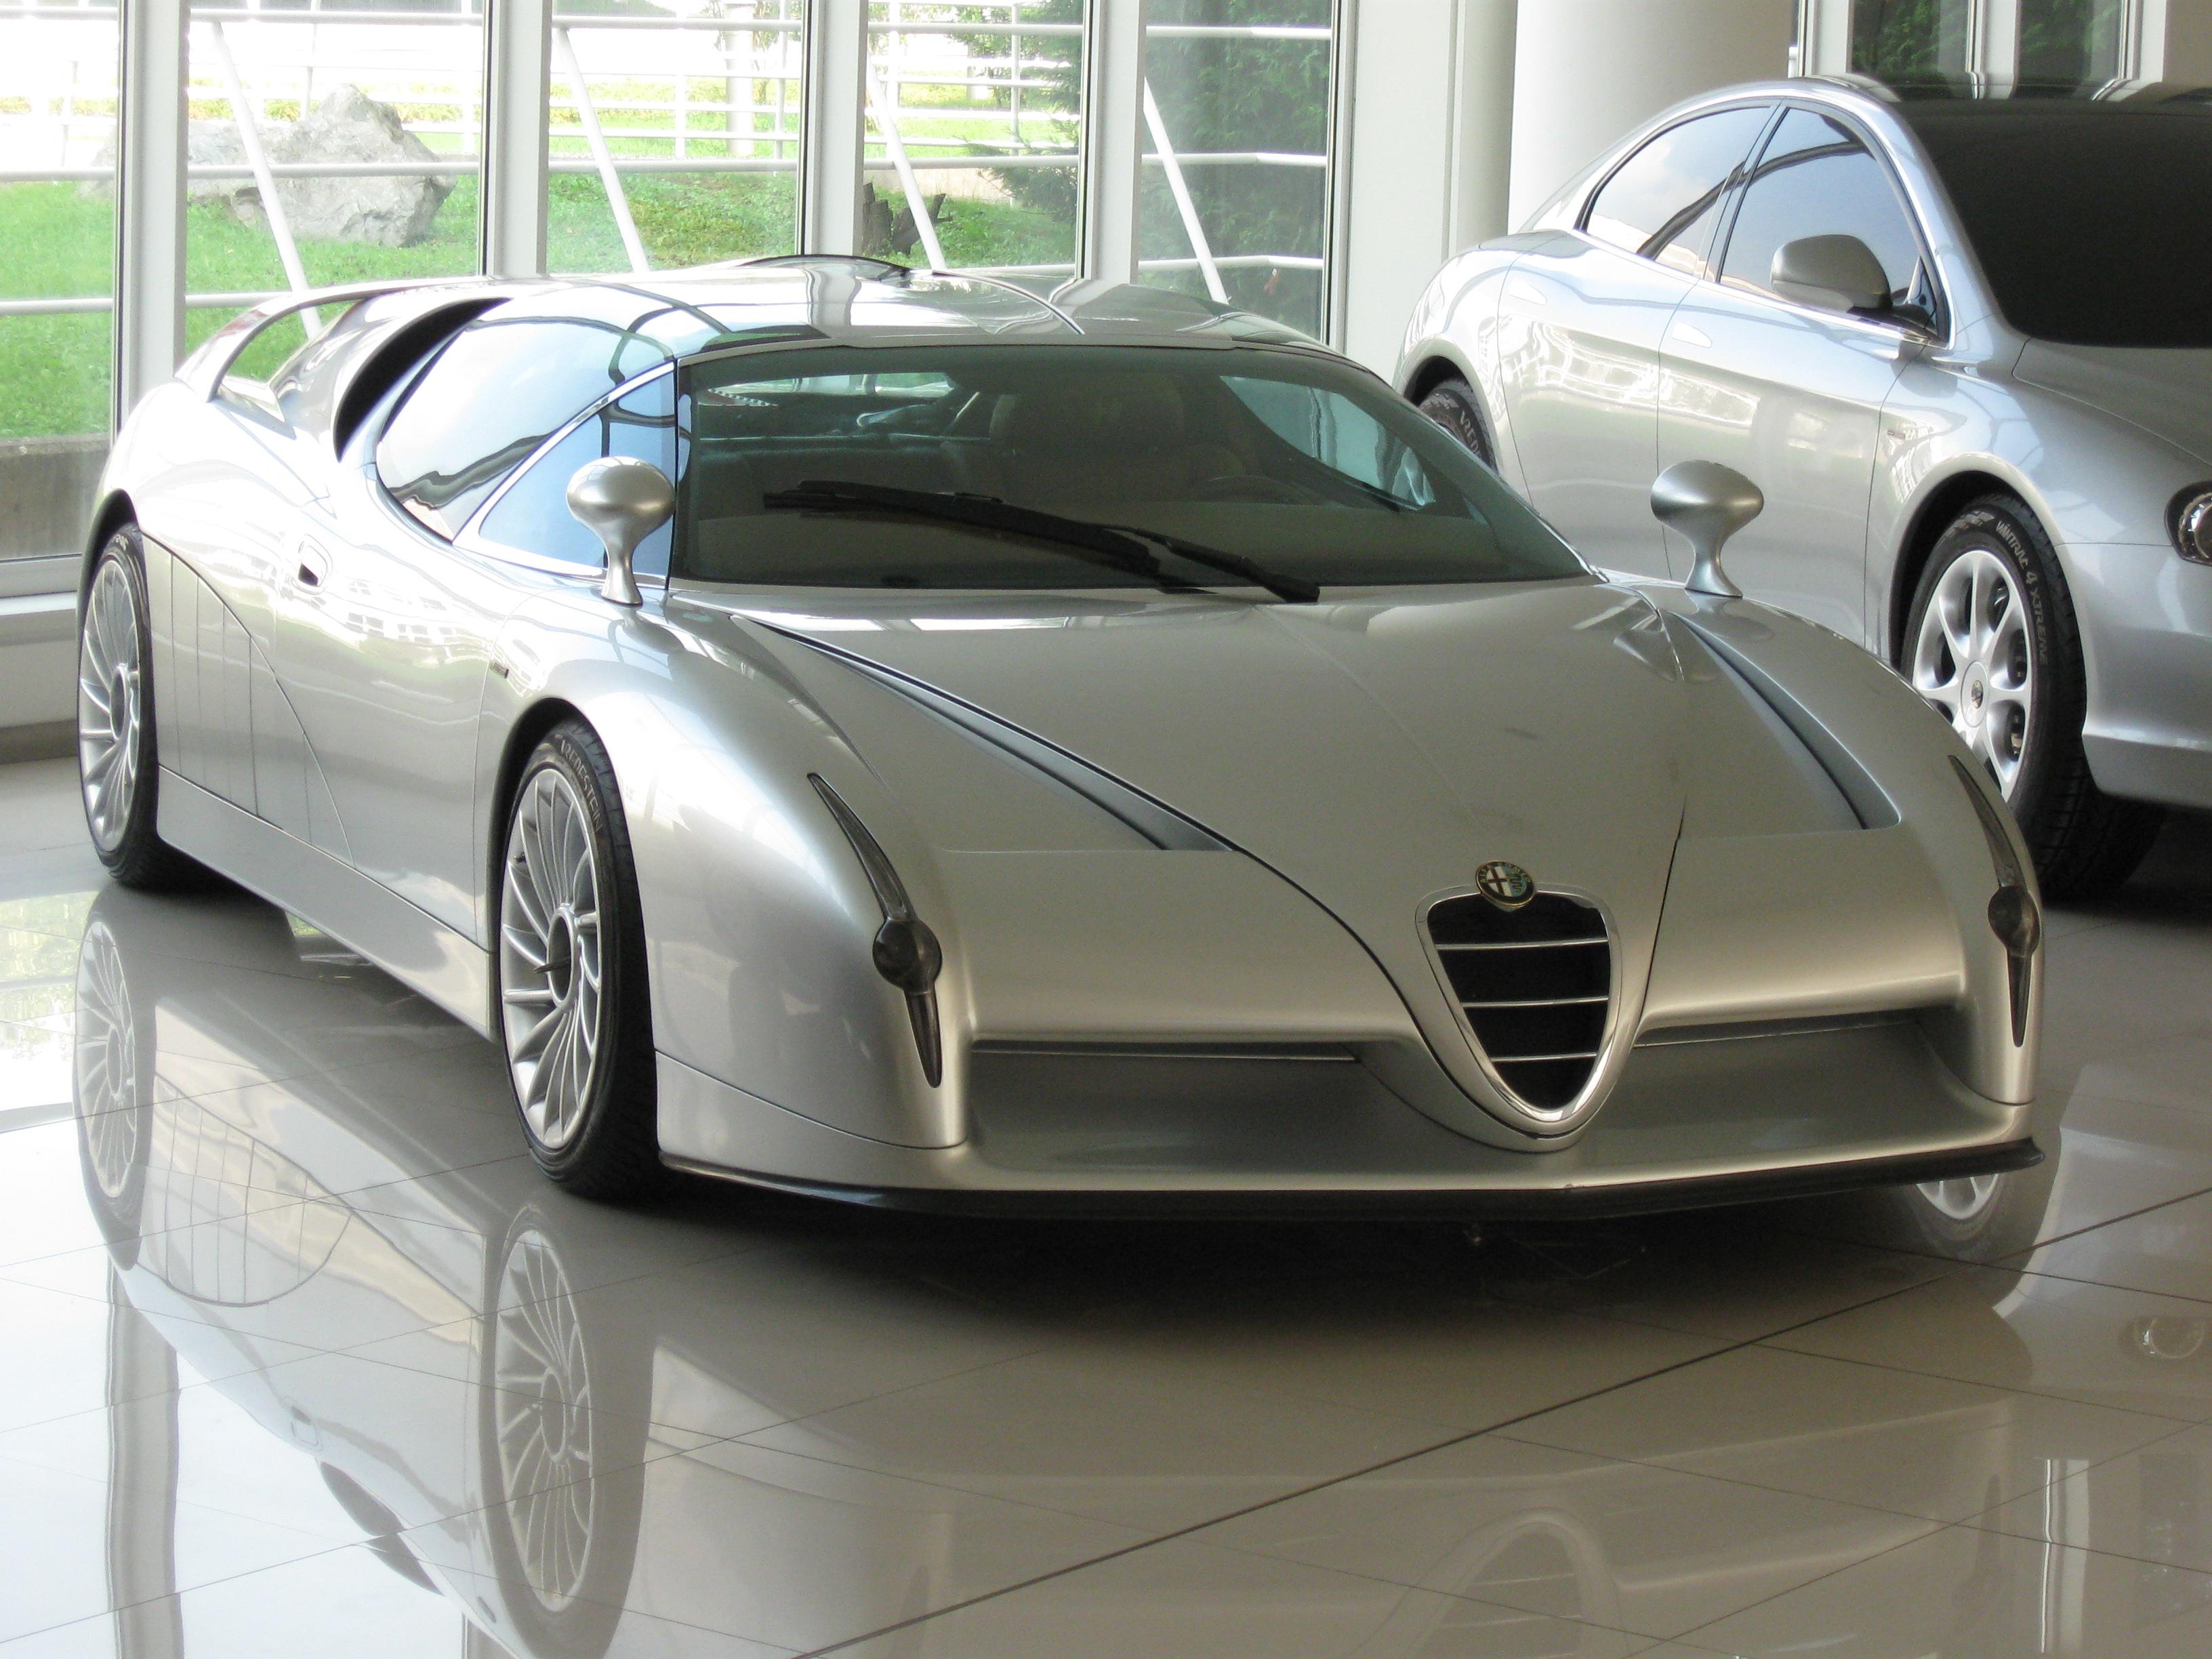 Alfa Romeo Scighera Wikipedia